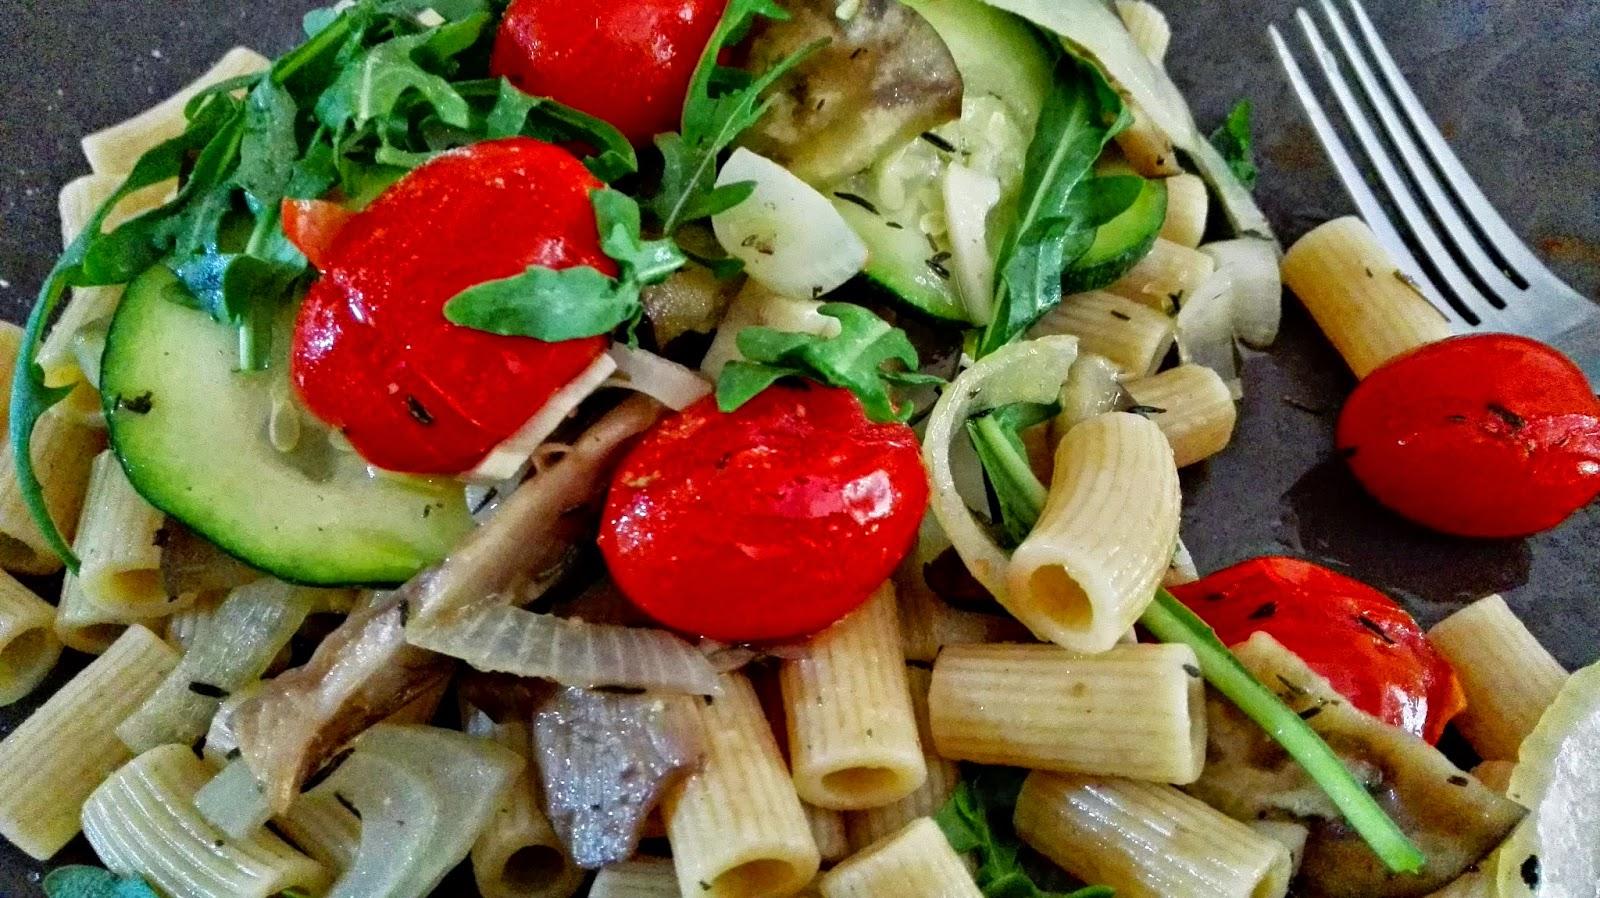 Verdelicioso macarrones con verduras al horno y r cula receta de roc o - Macarrones con verduras al horno ...